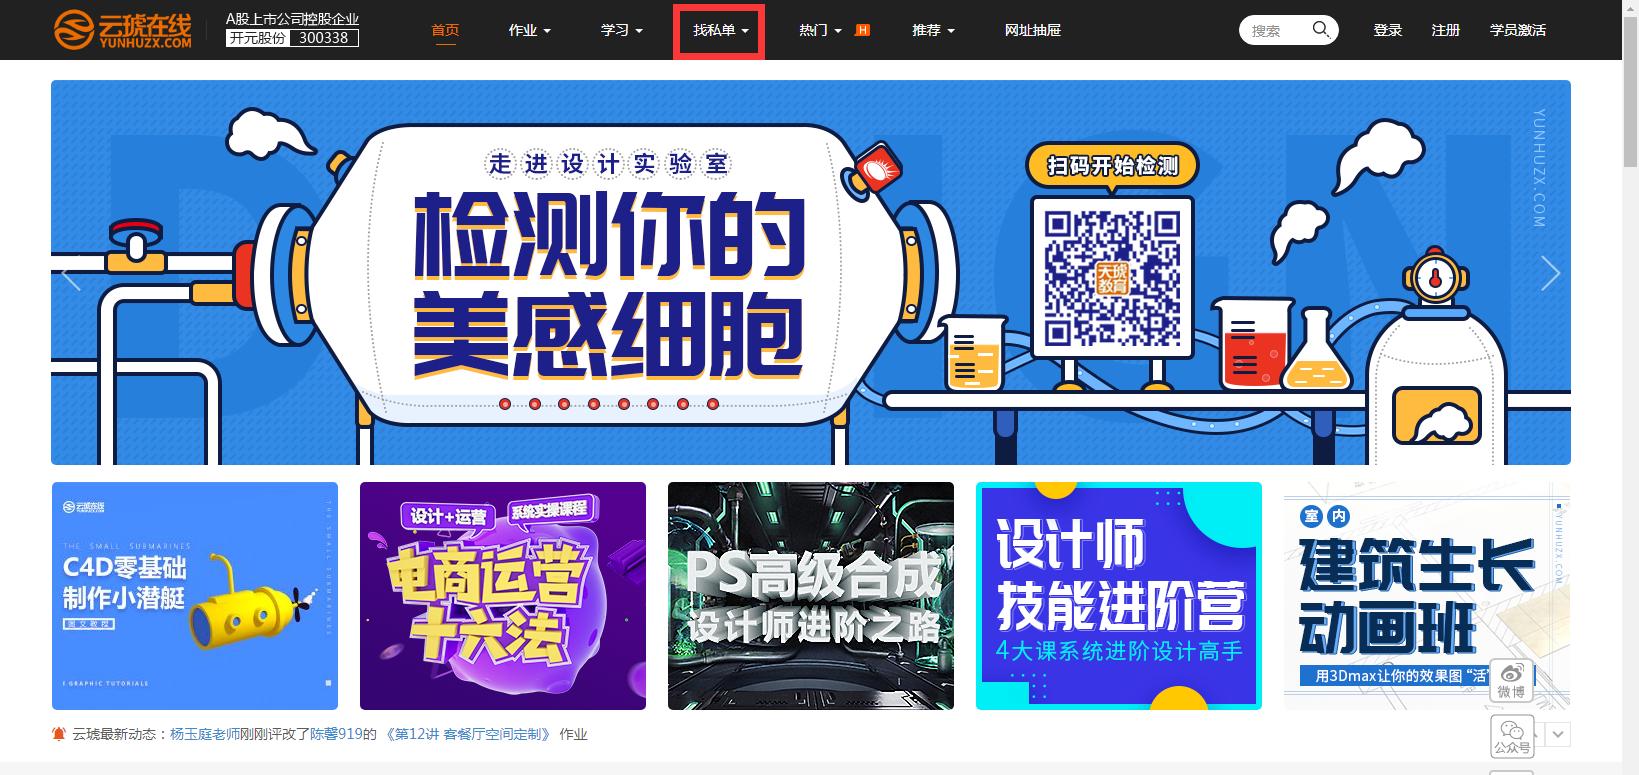 从法医学专业转学UI招聘,他说:不后悔!湘潭市平面设计设计图片